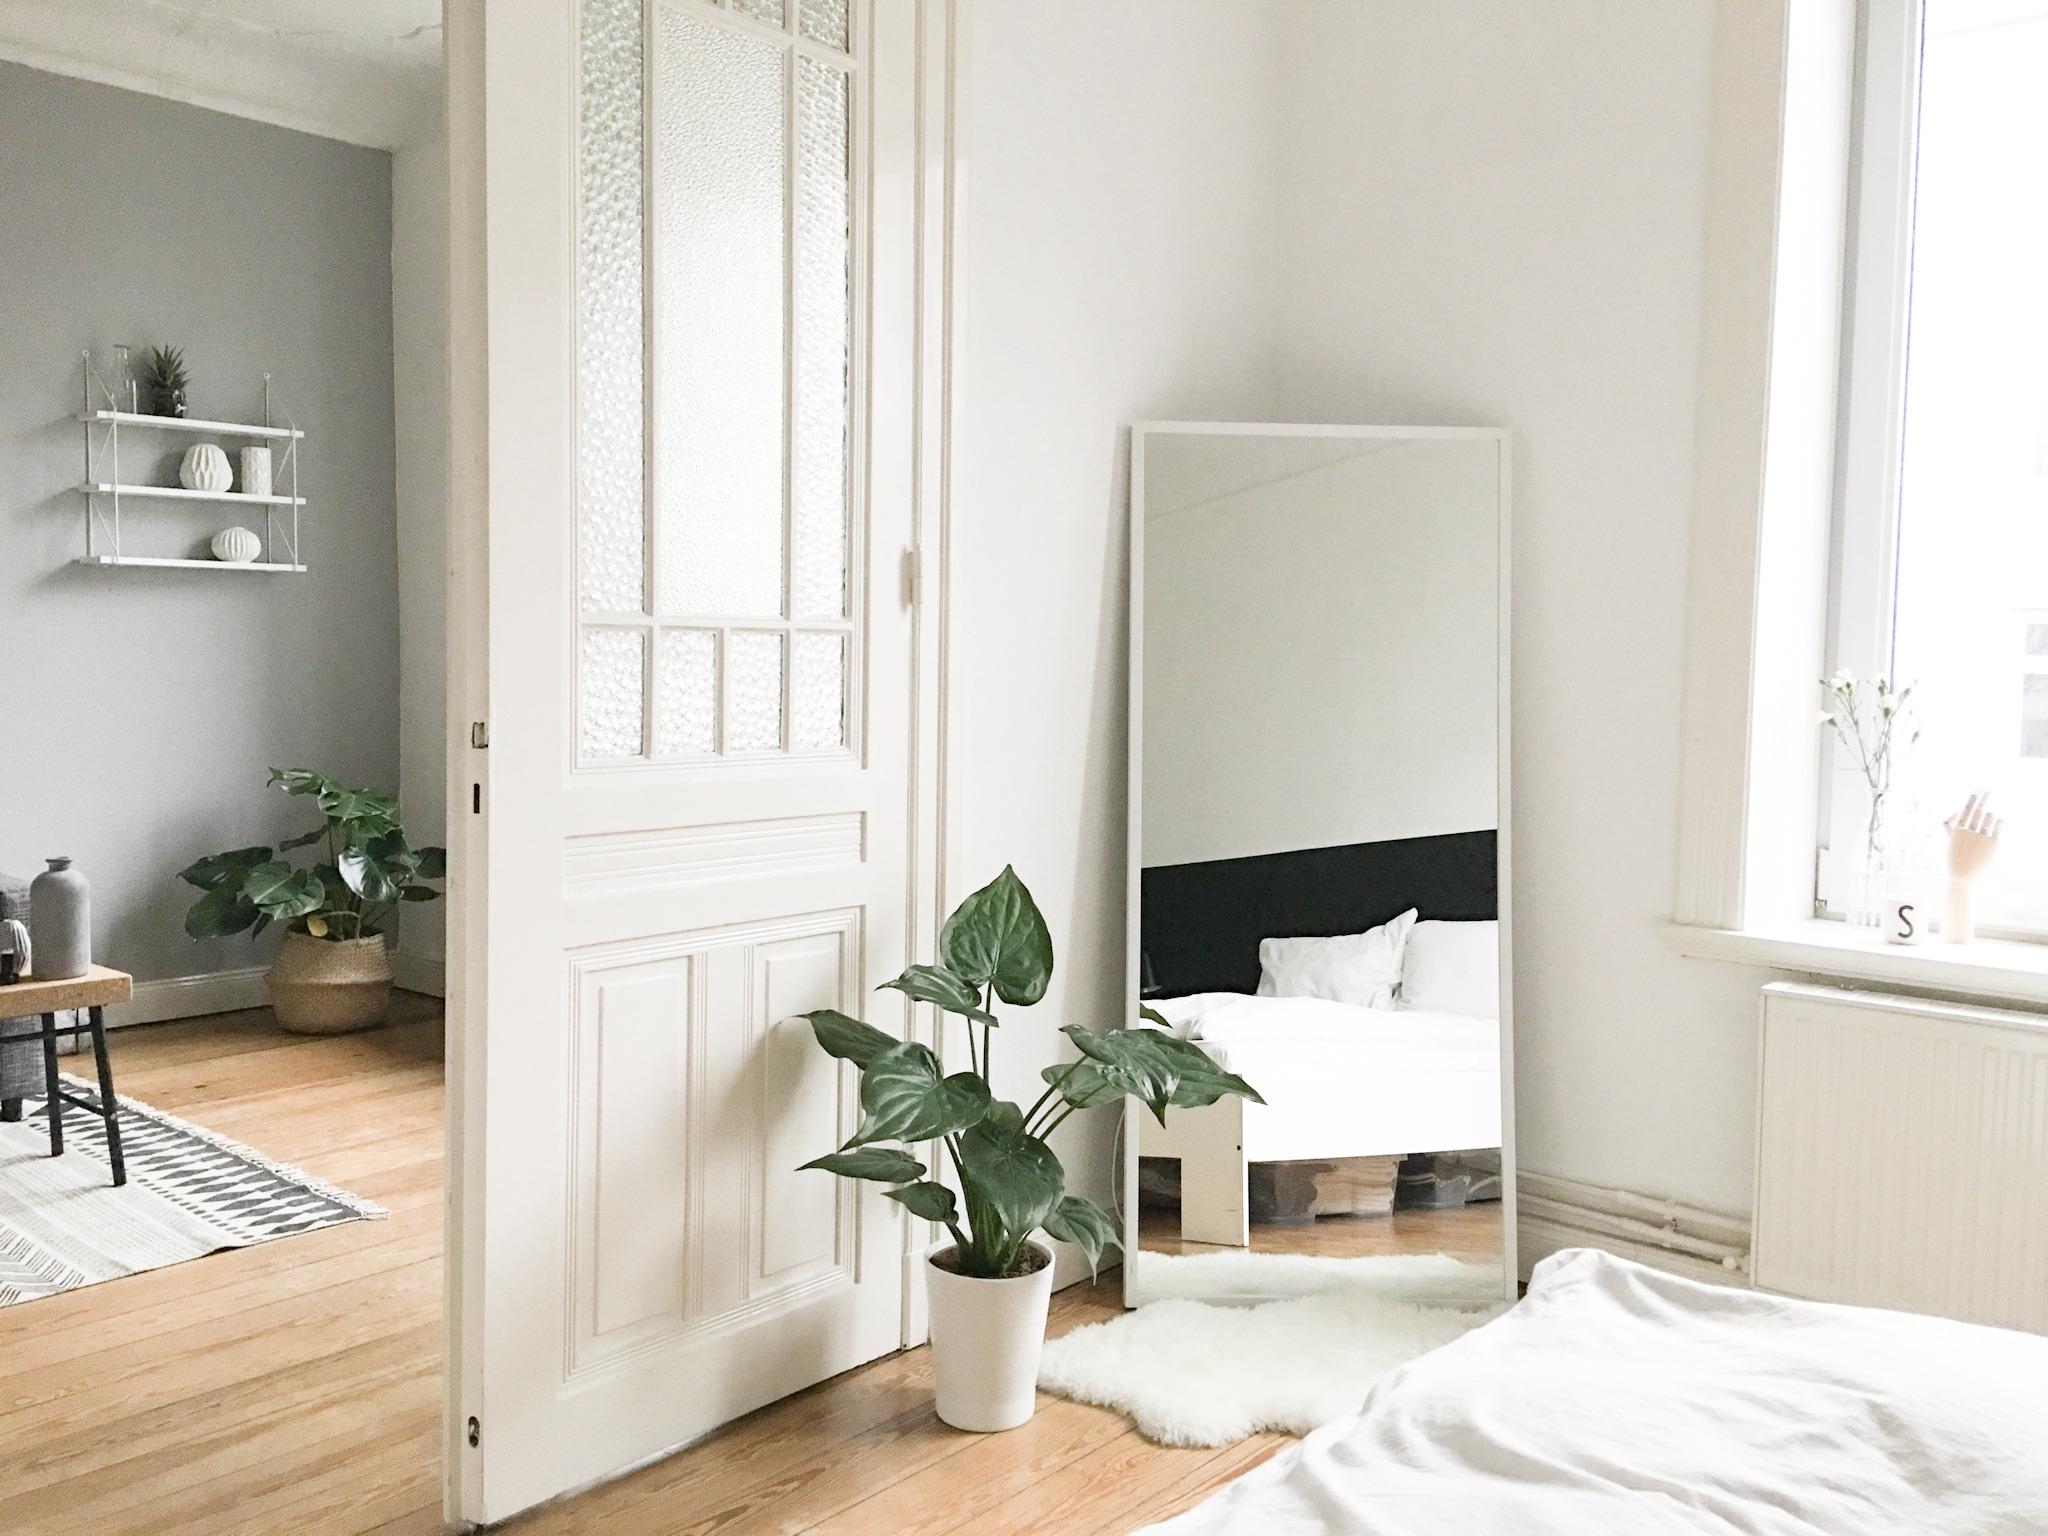 interior design hamburg dienstagslieblinge kw12 mal anders. Black Bedroom Furniture Sets. Home Design Ideas